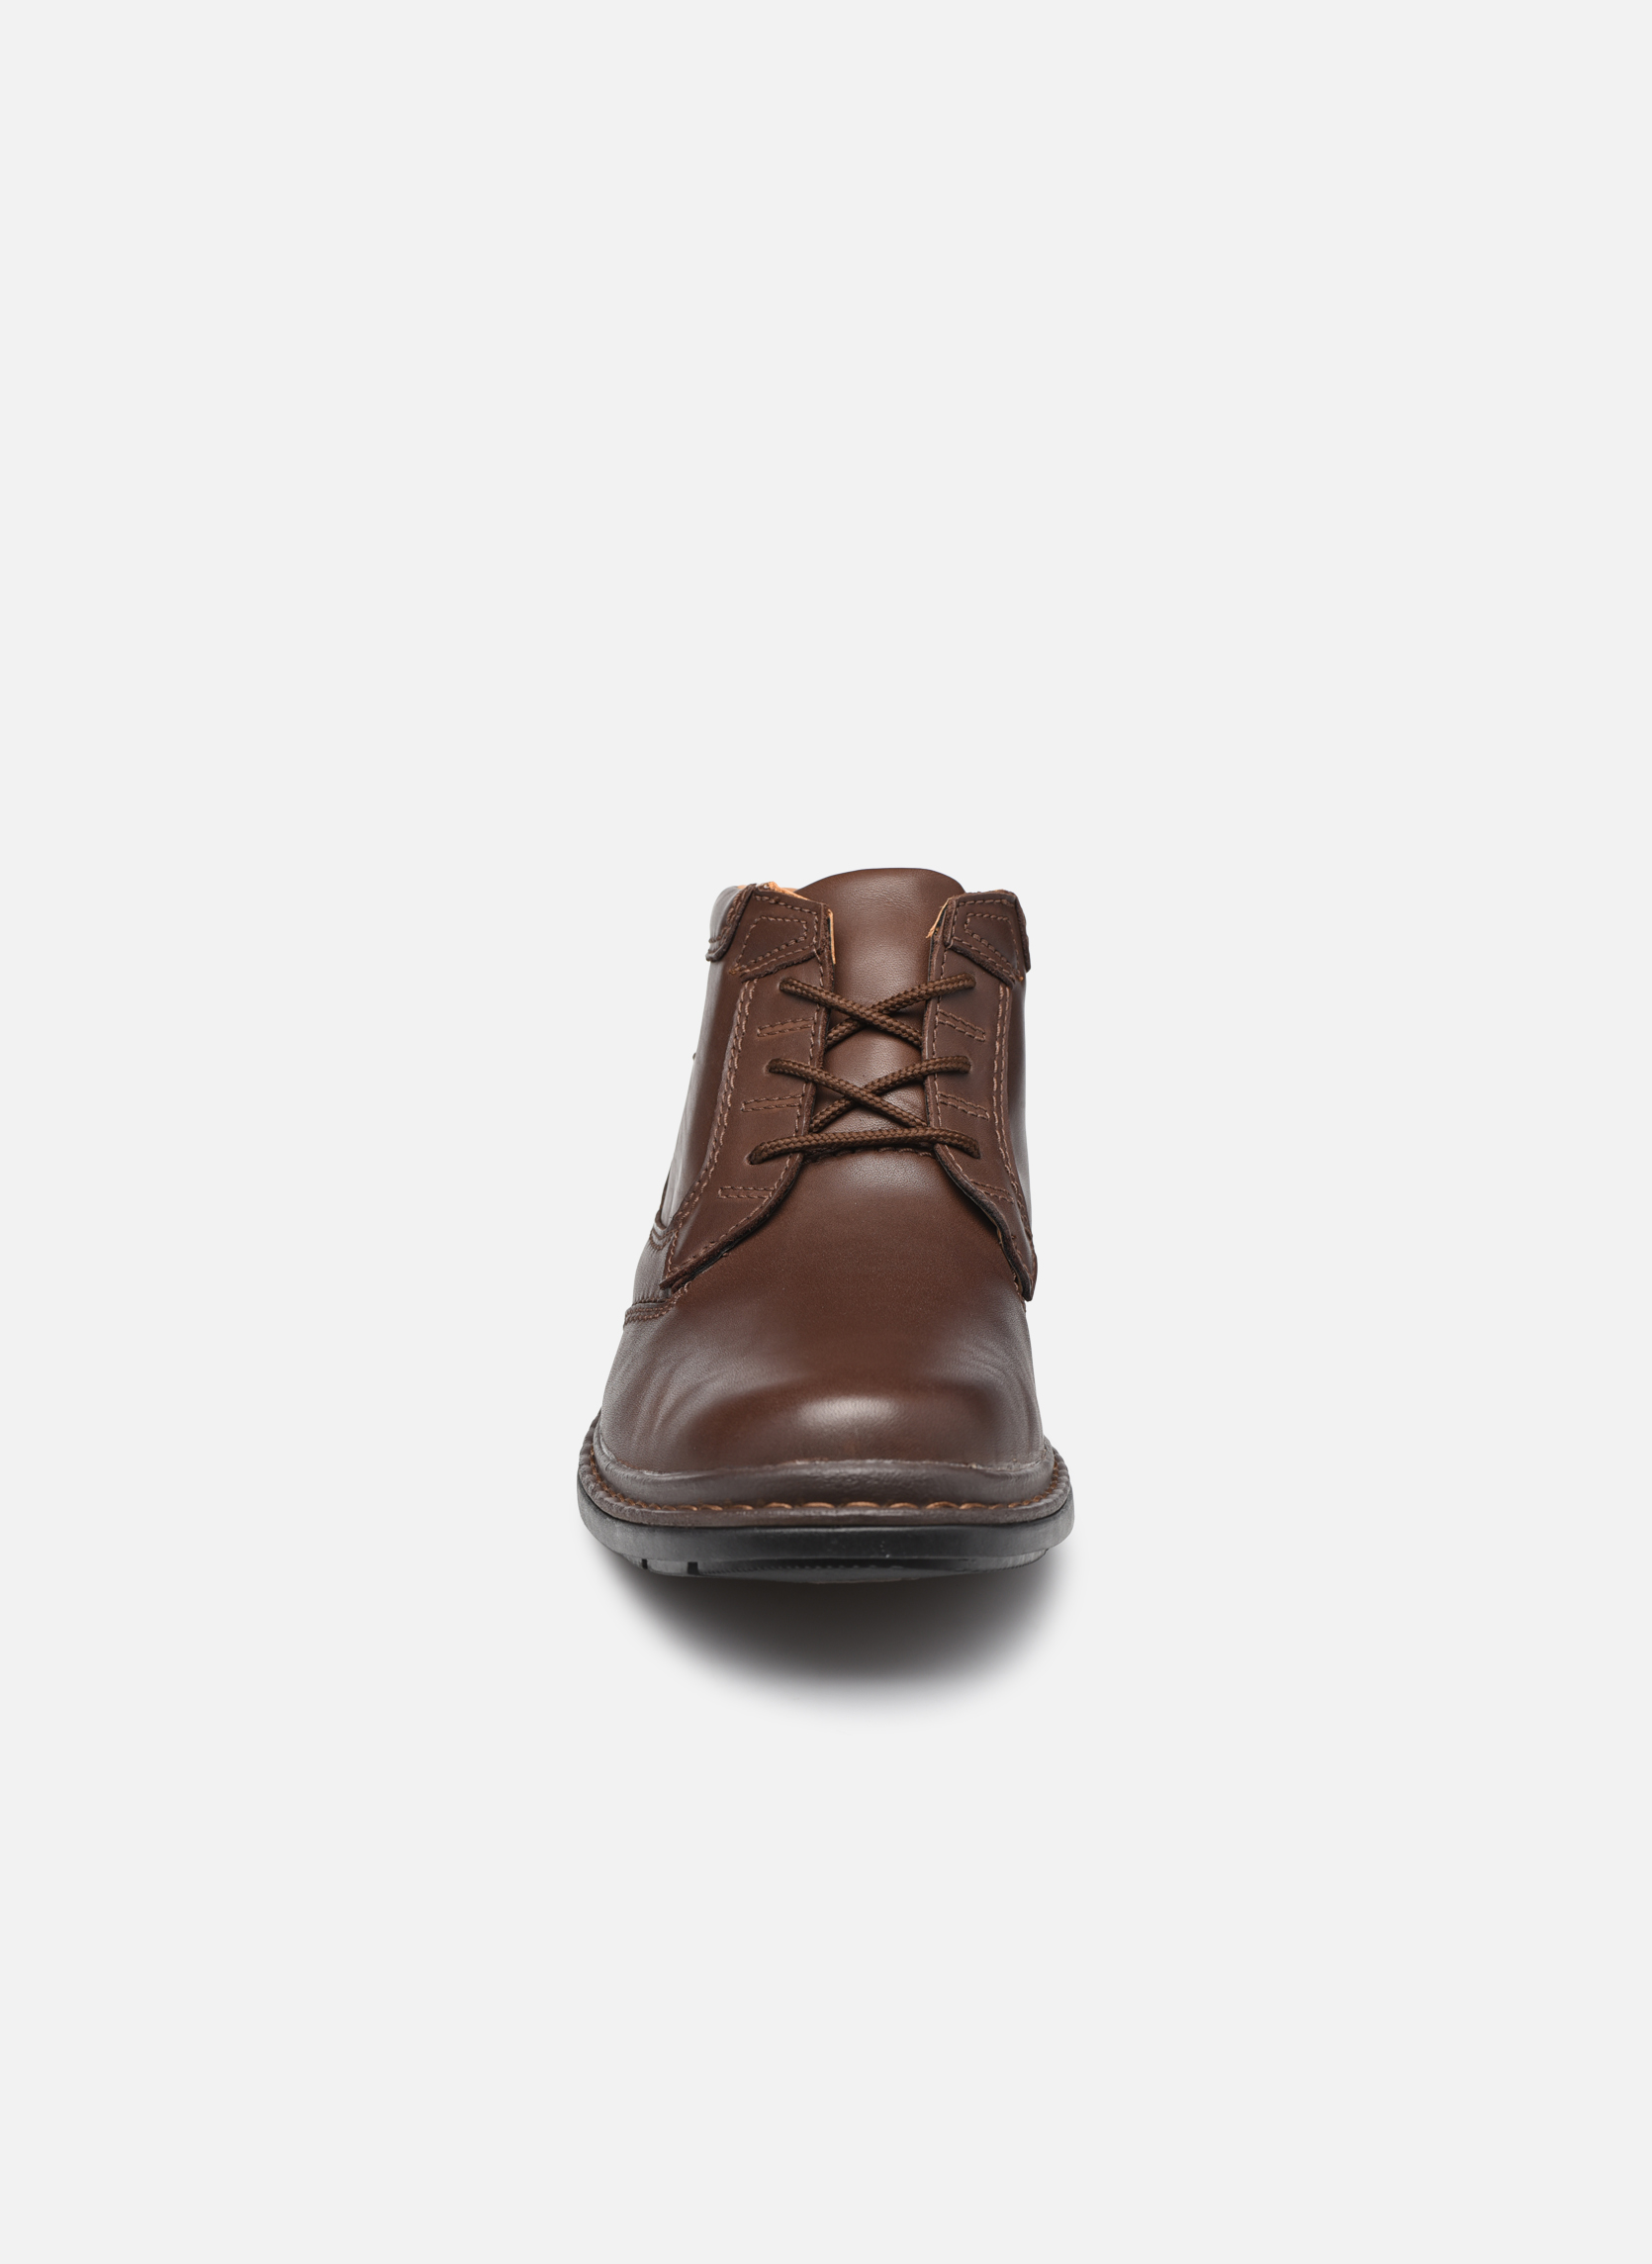 Rockie Hi Gtx Ebony Leather